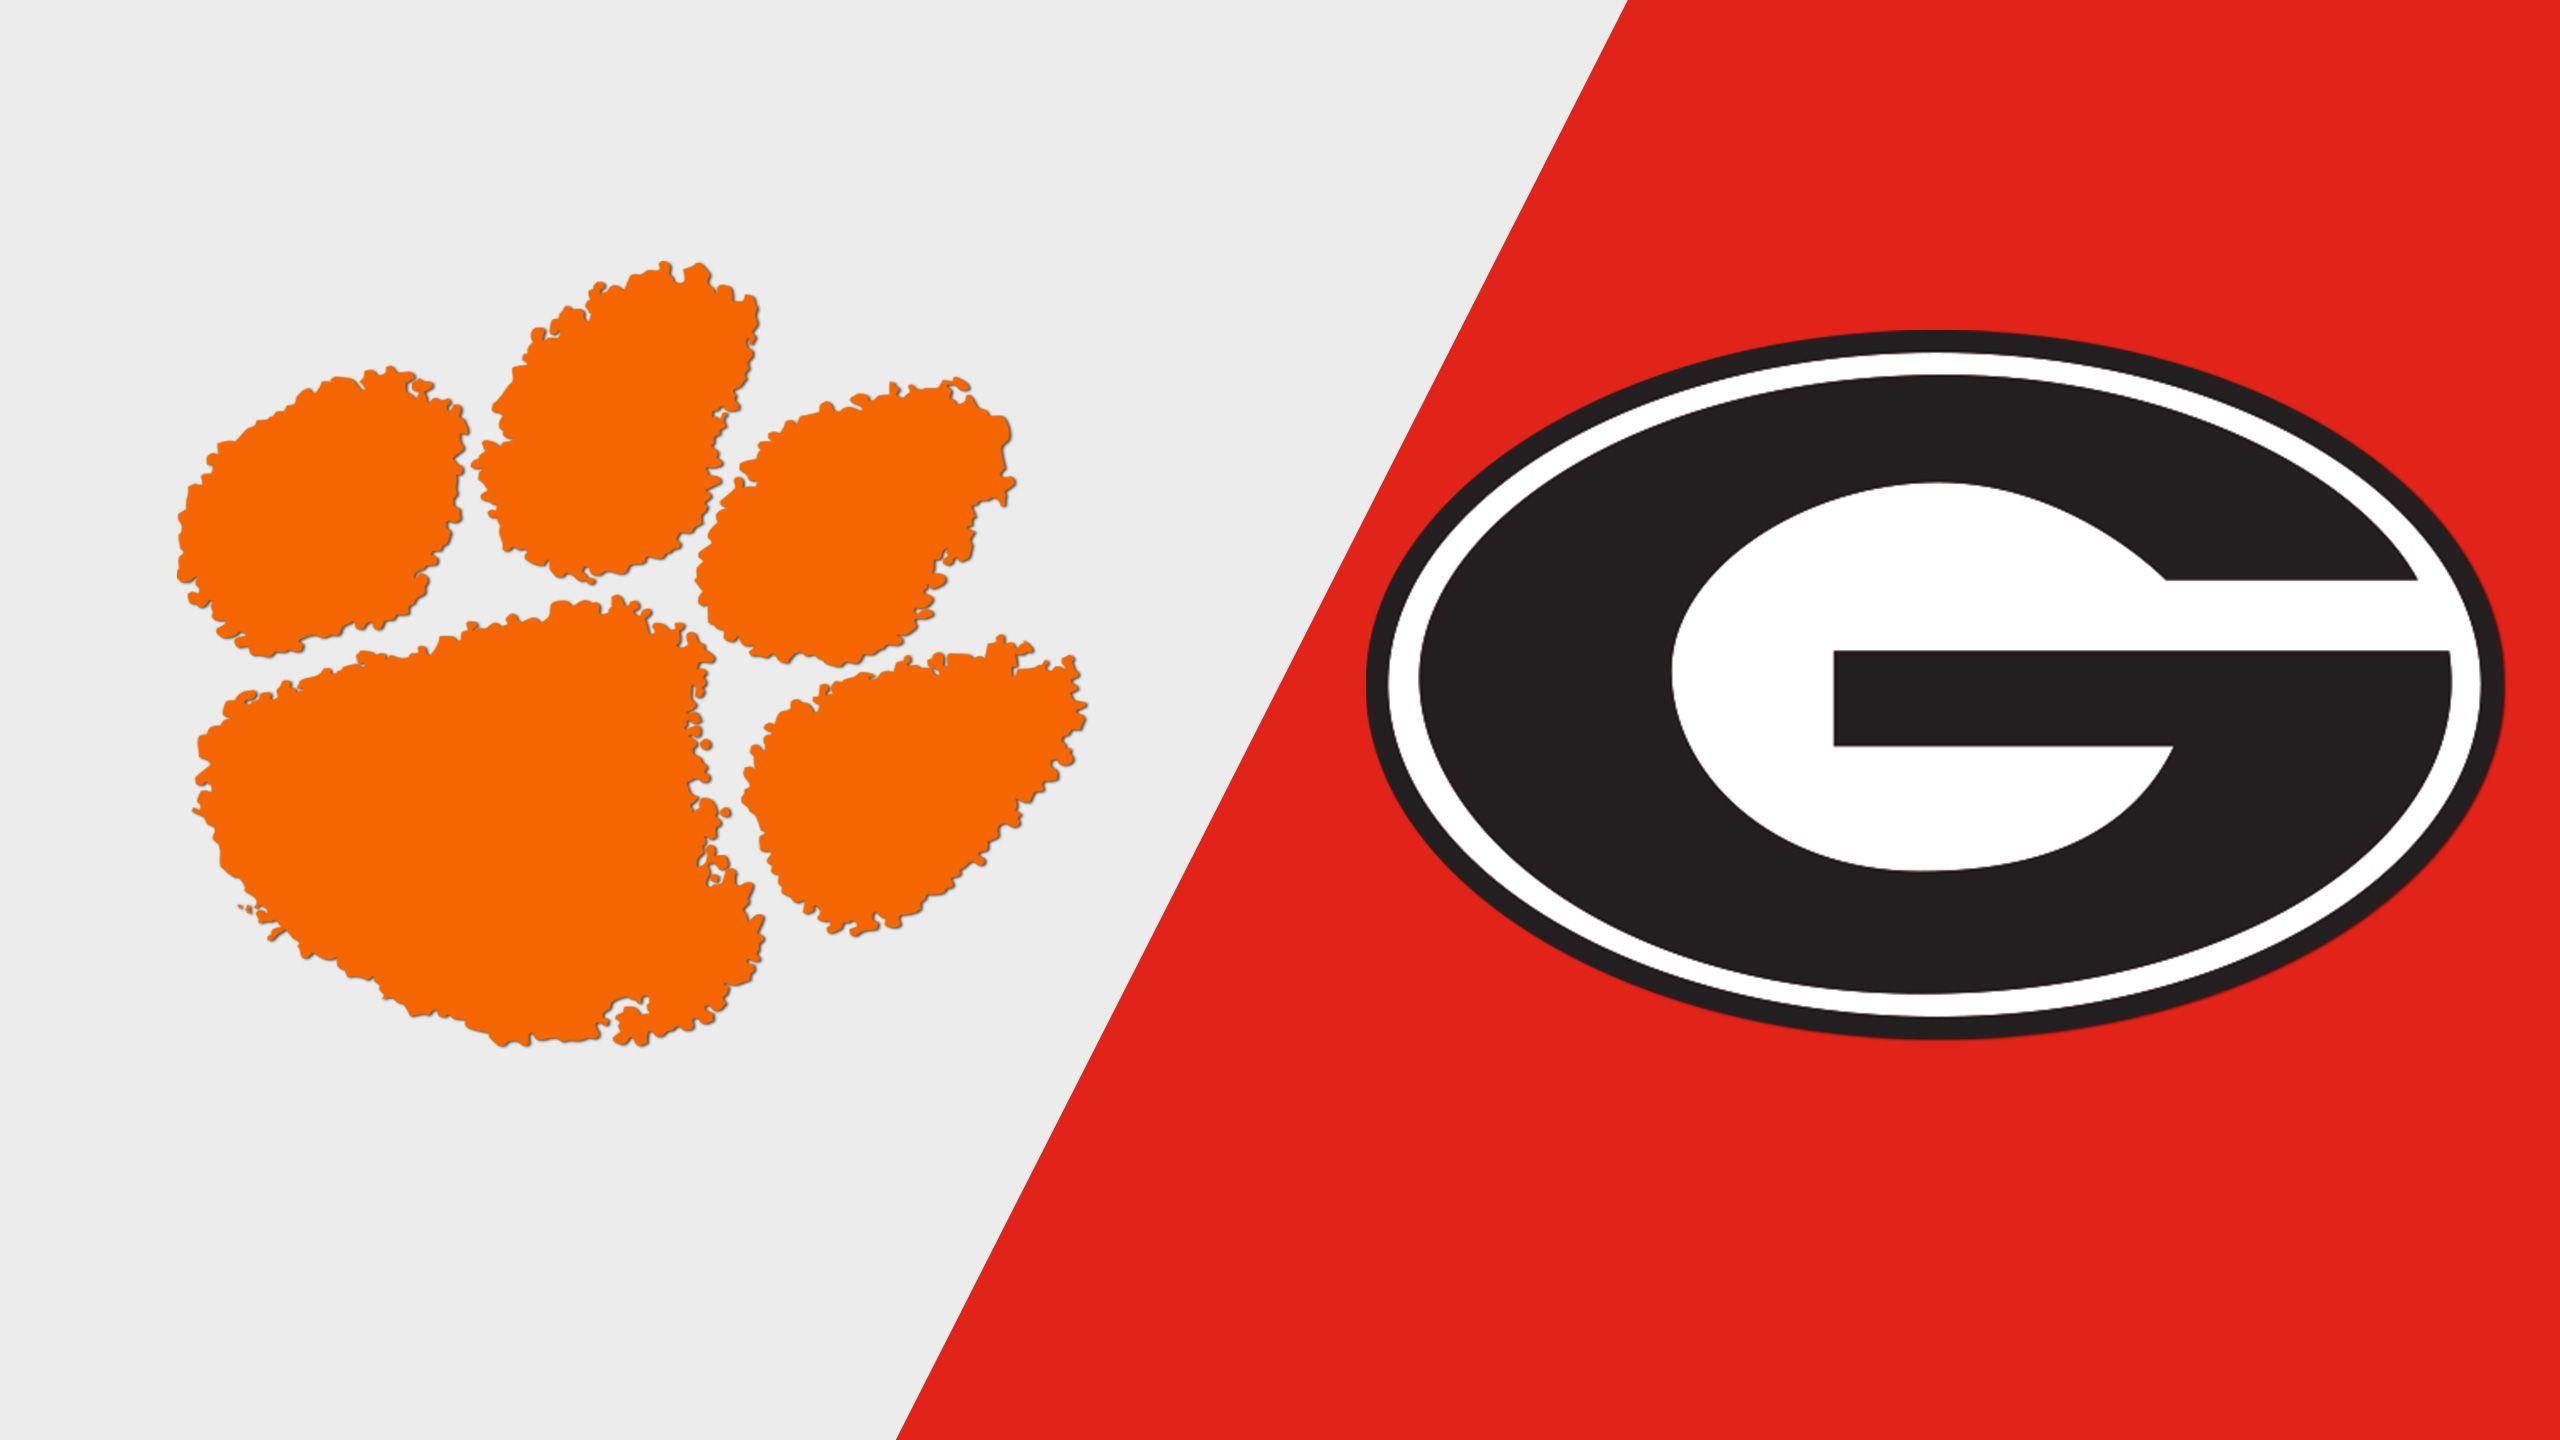 #15 Clemson vs. #19 Georgia (Baseball)